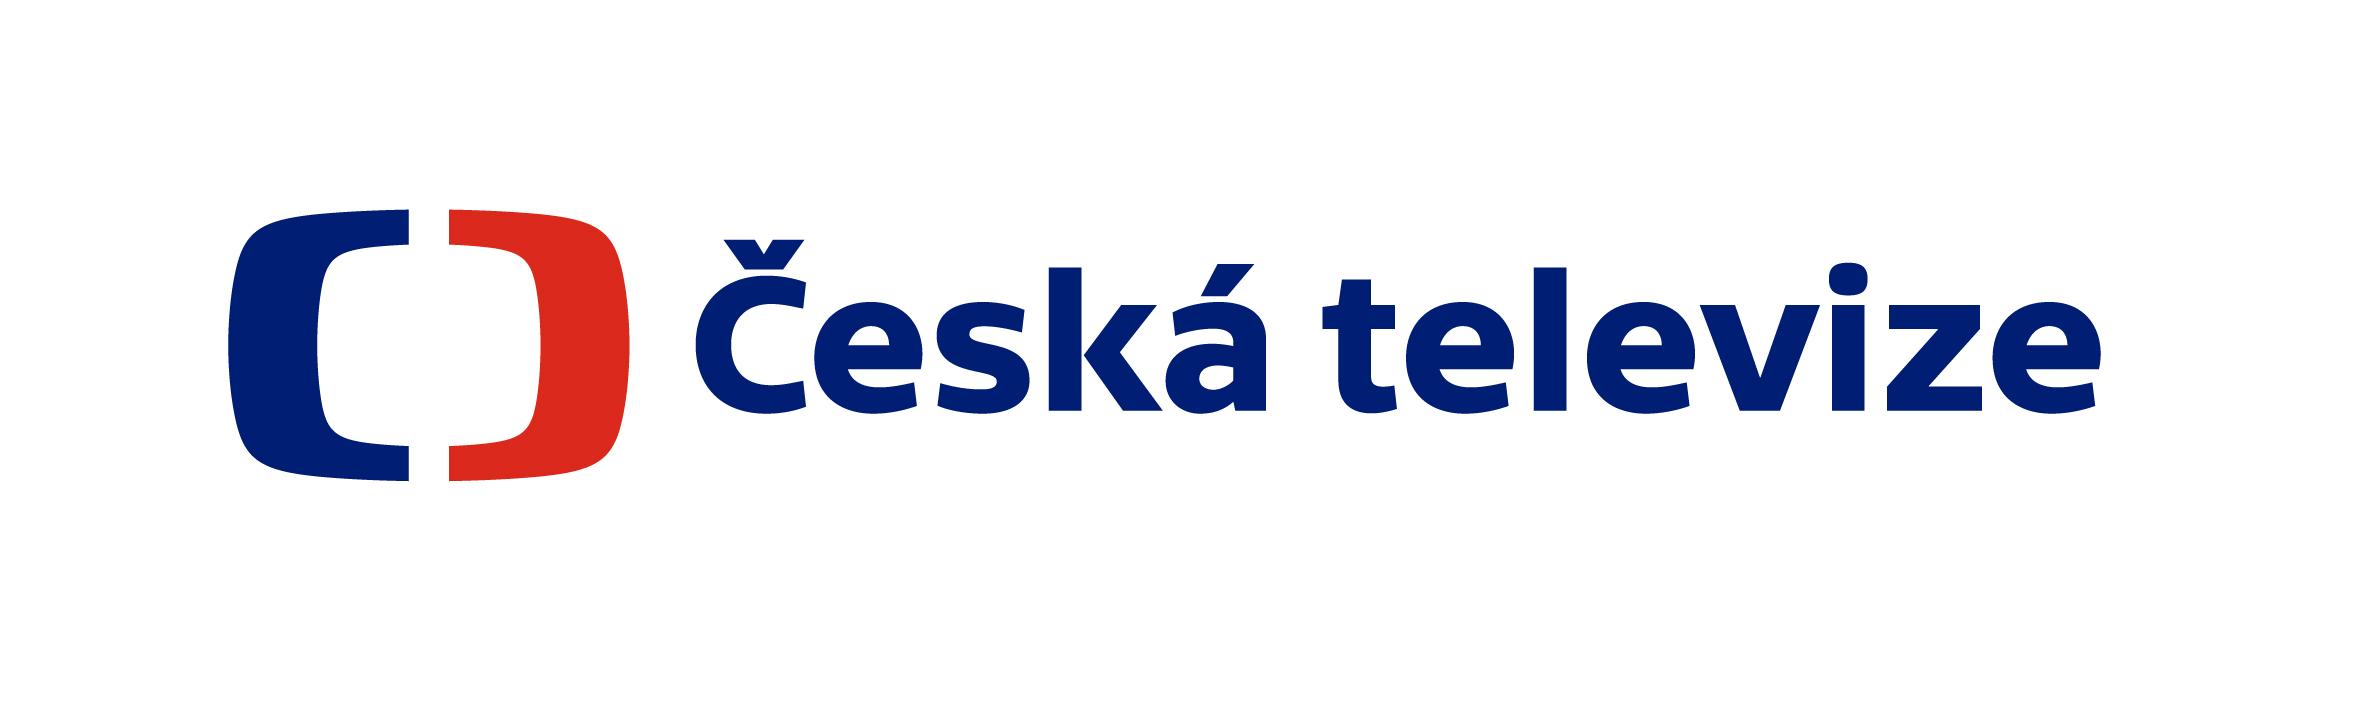 https://img.ceskatelevize.cz/press/2157.jpg